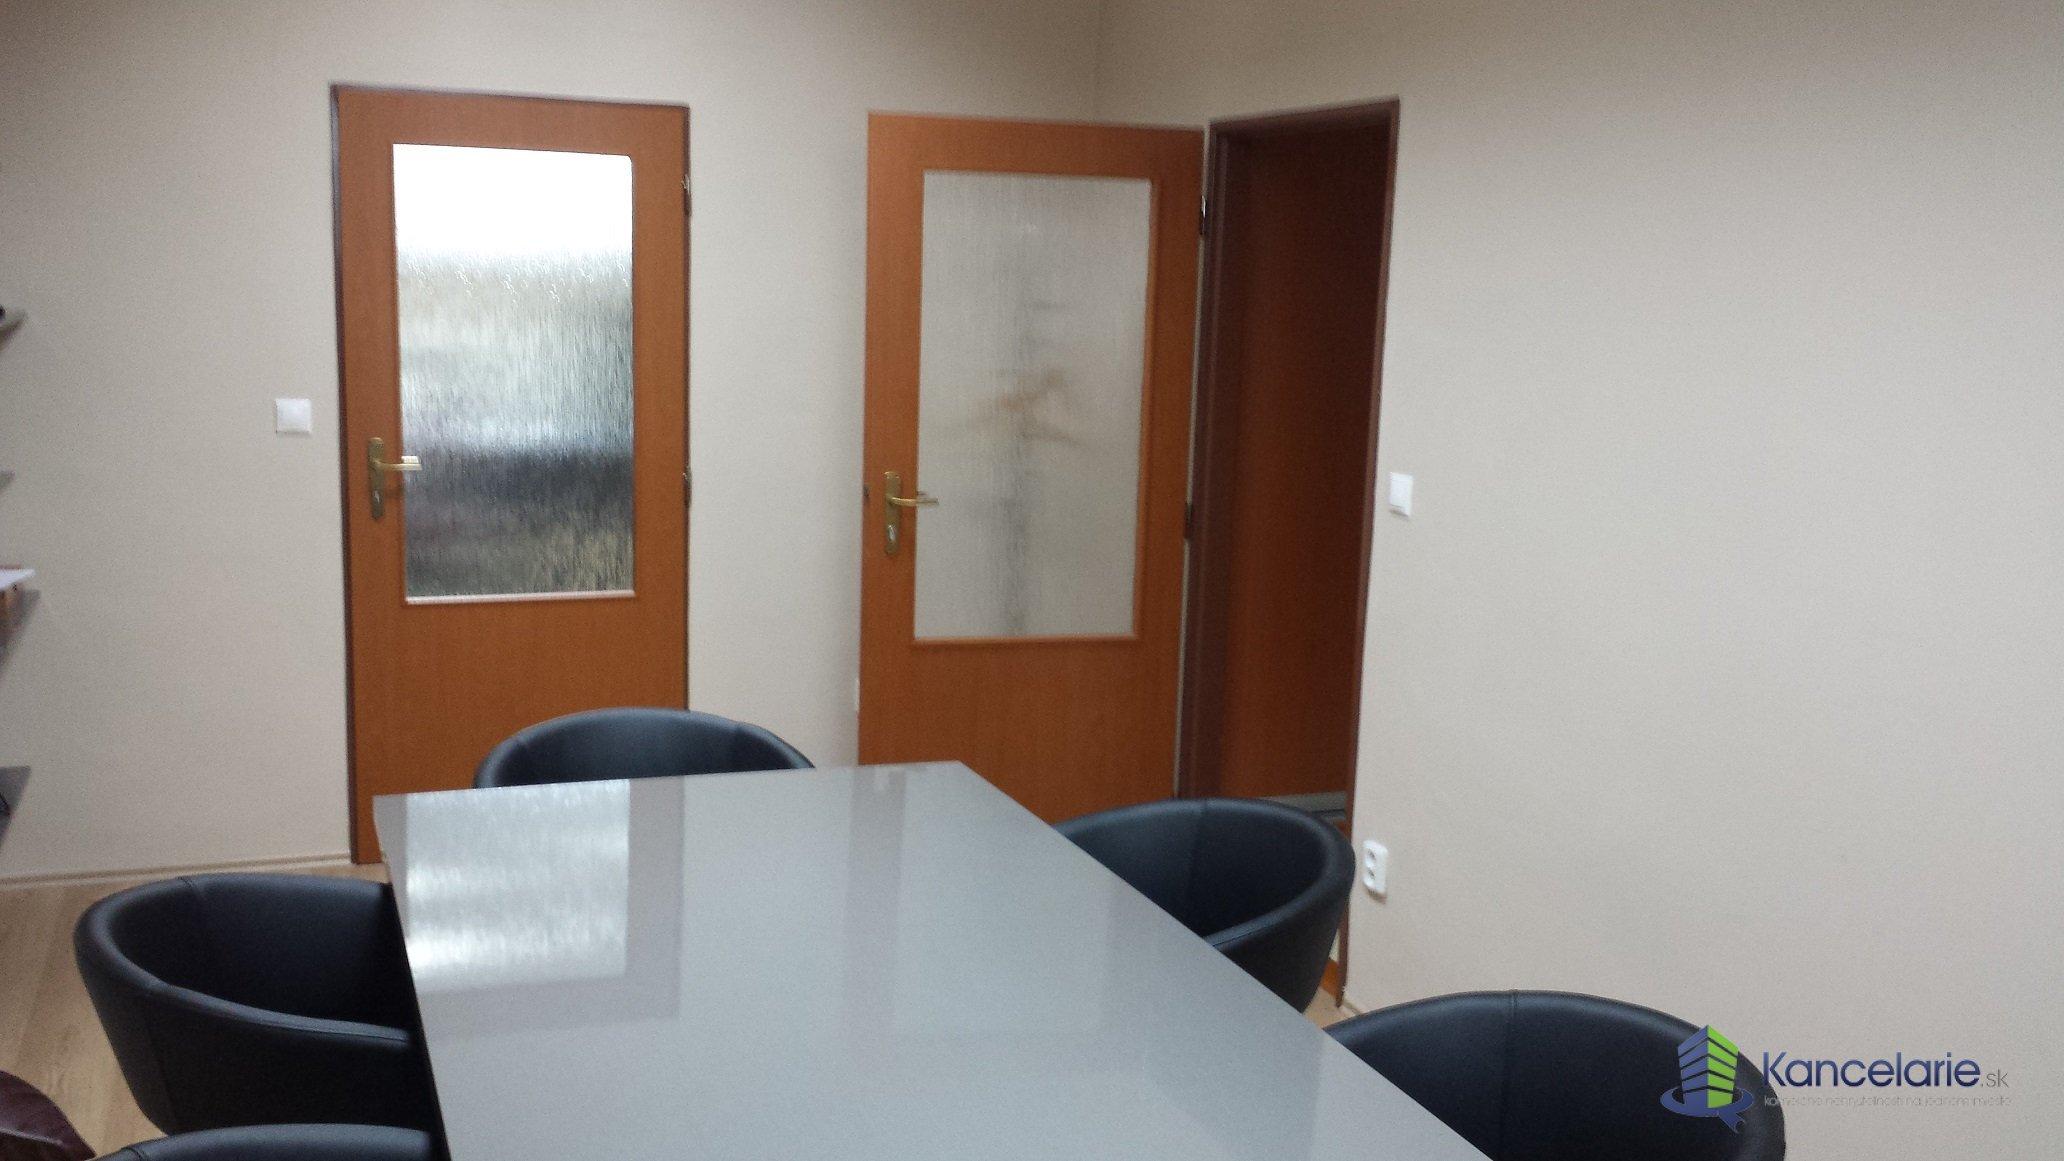 Agrimex spol. s r.o. (AMEX Park), Spojené kancelárie APB II č. 3.21 - 3.27, Púchovská 12, Bratislava